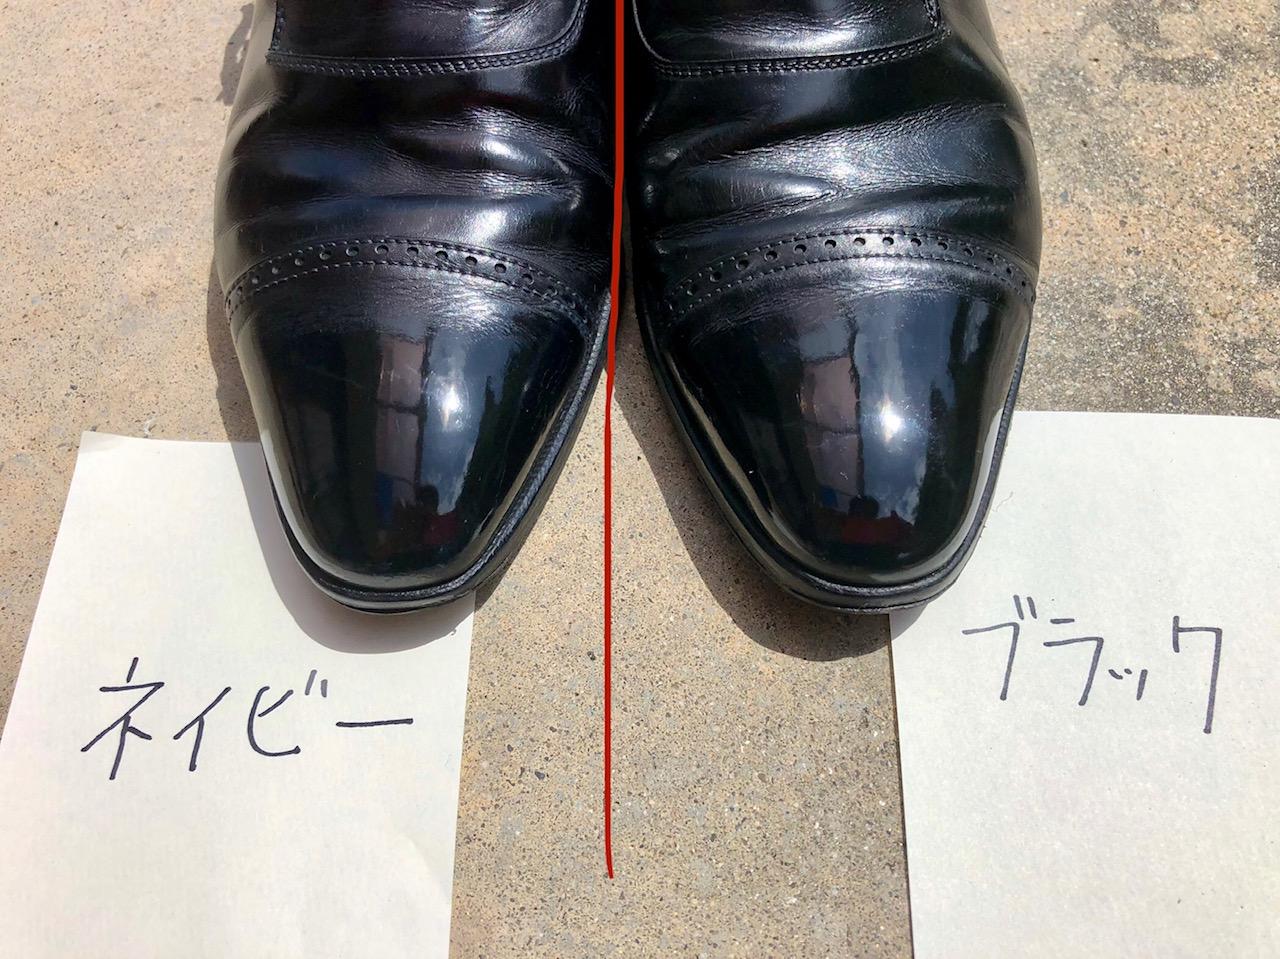 靴磨き 実験 夏休みの自由研究